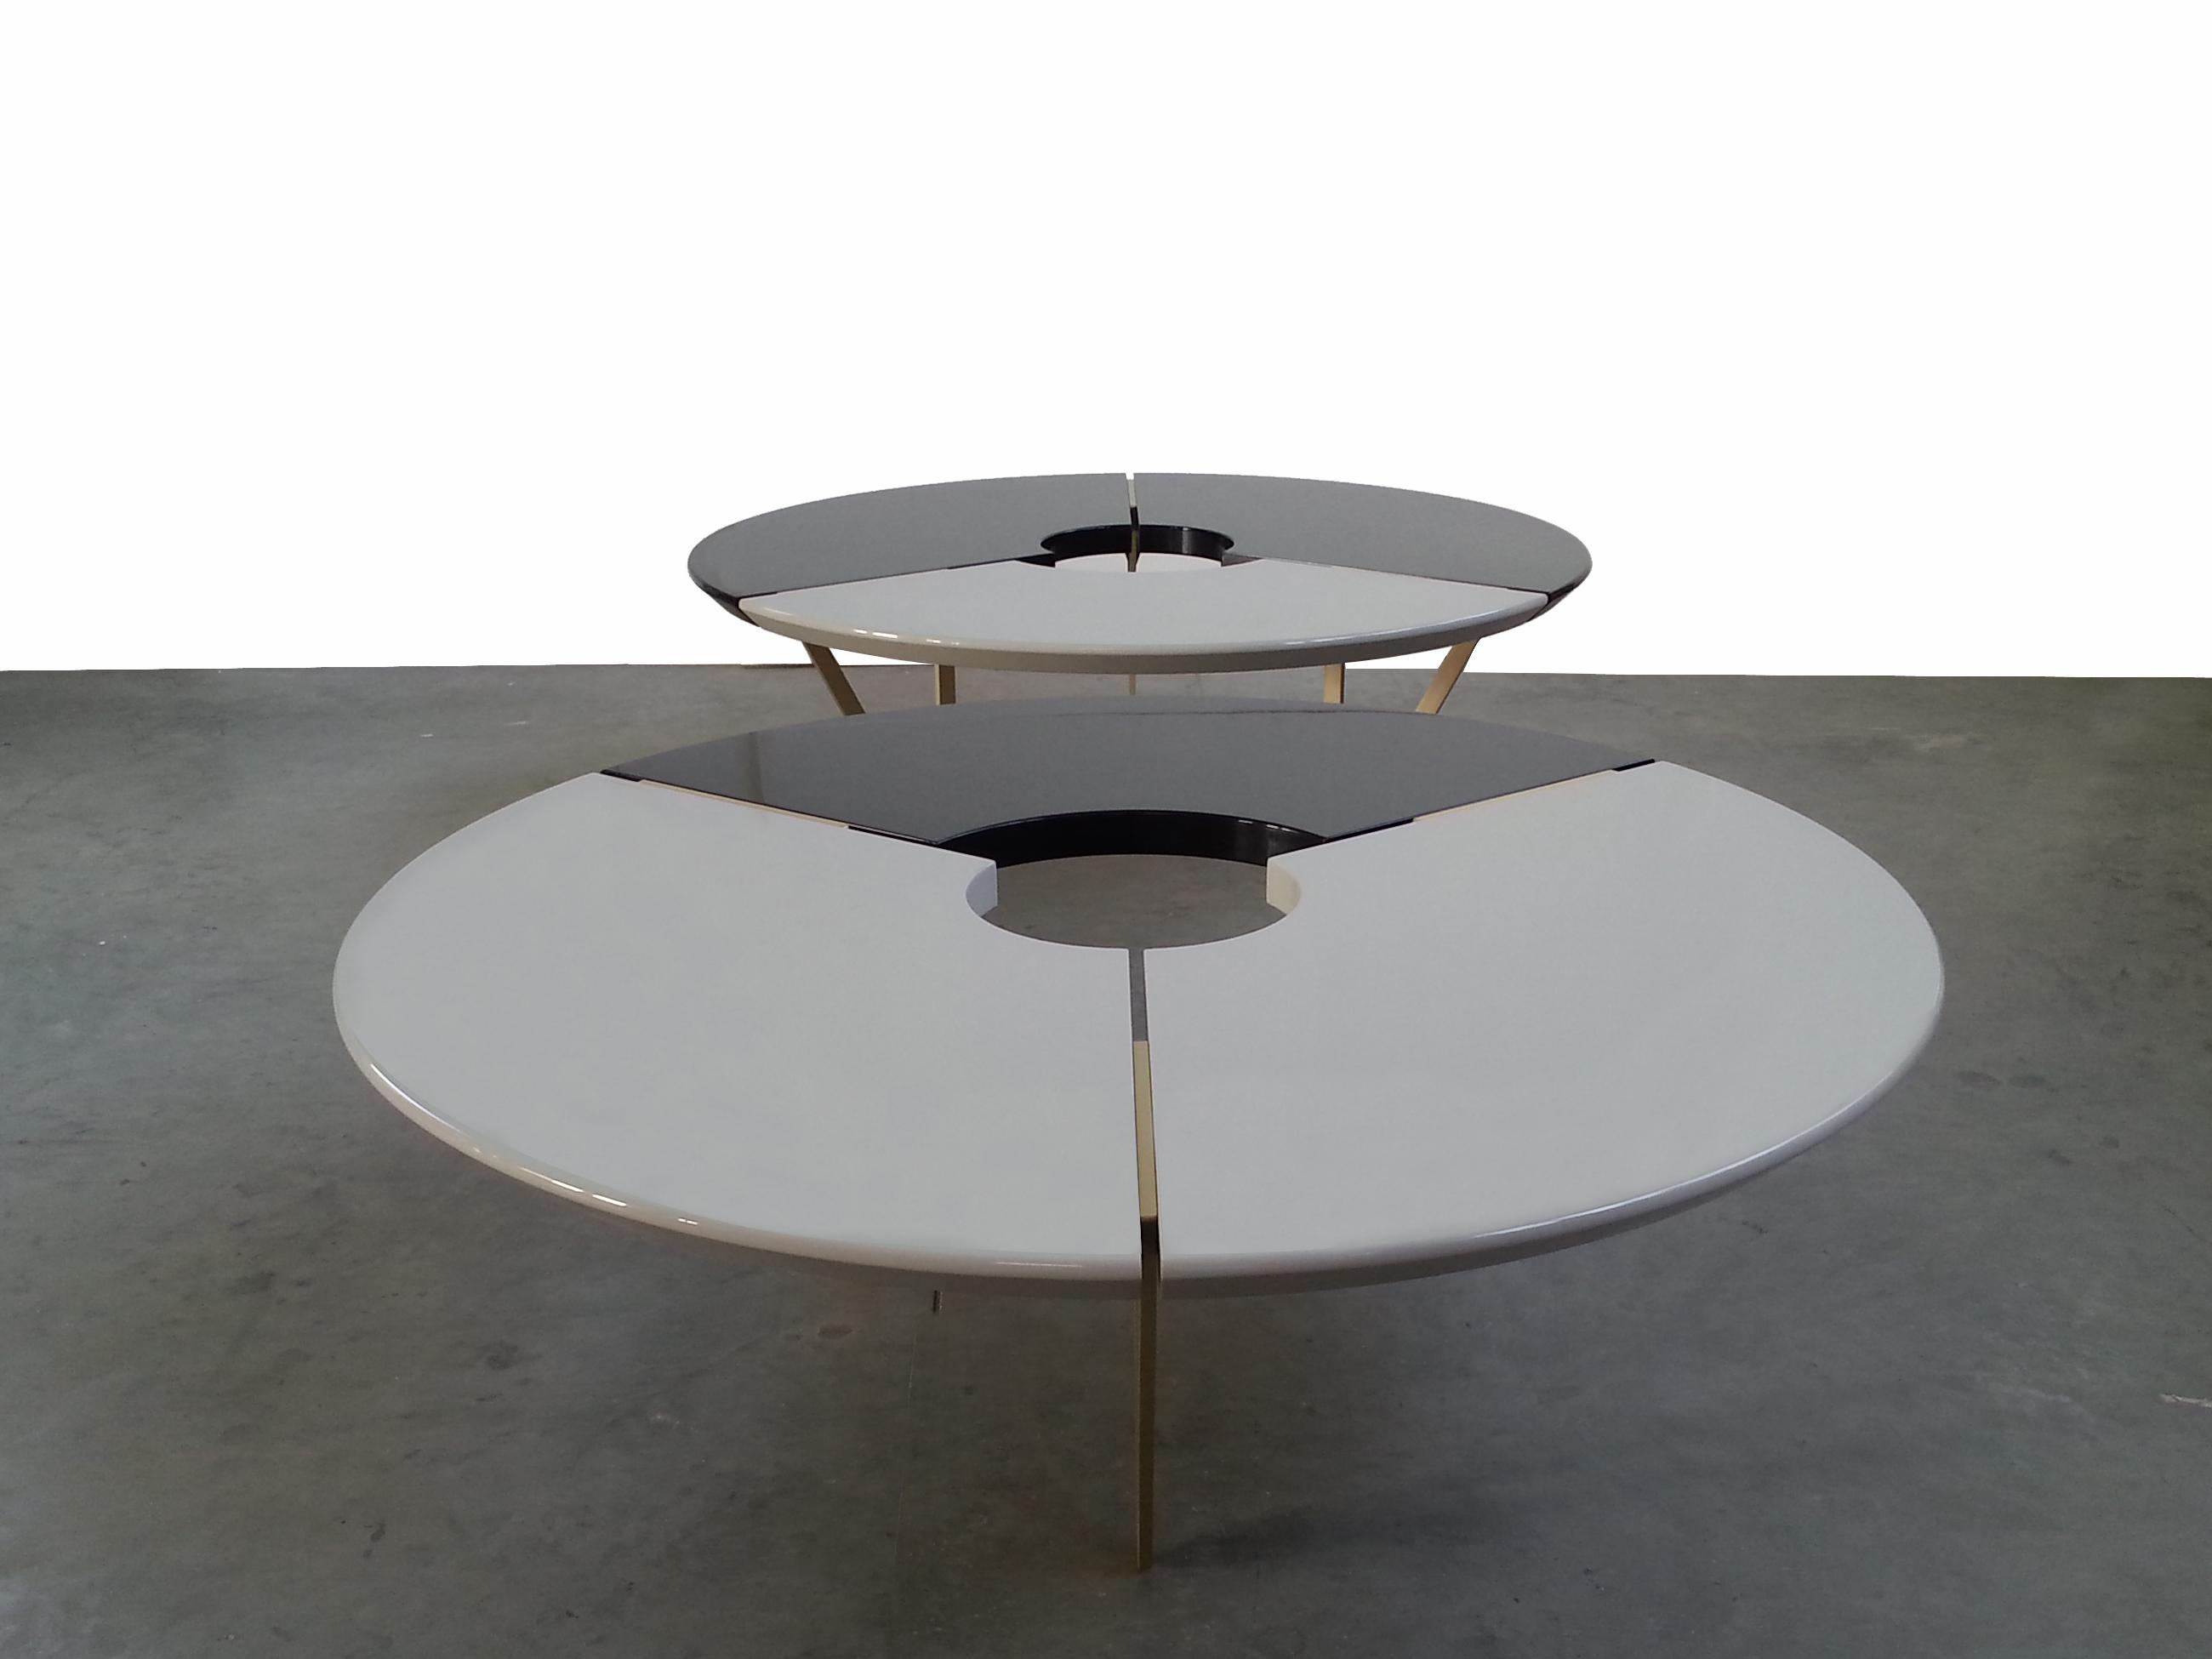 Il tavolo From Above, versione BlackandStone, design Hagit Pincovici